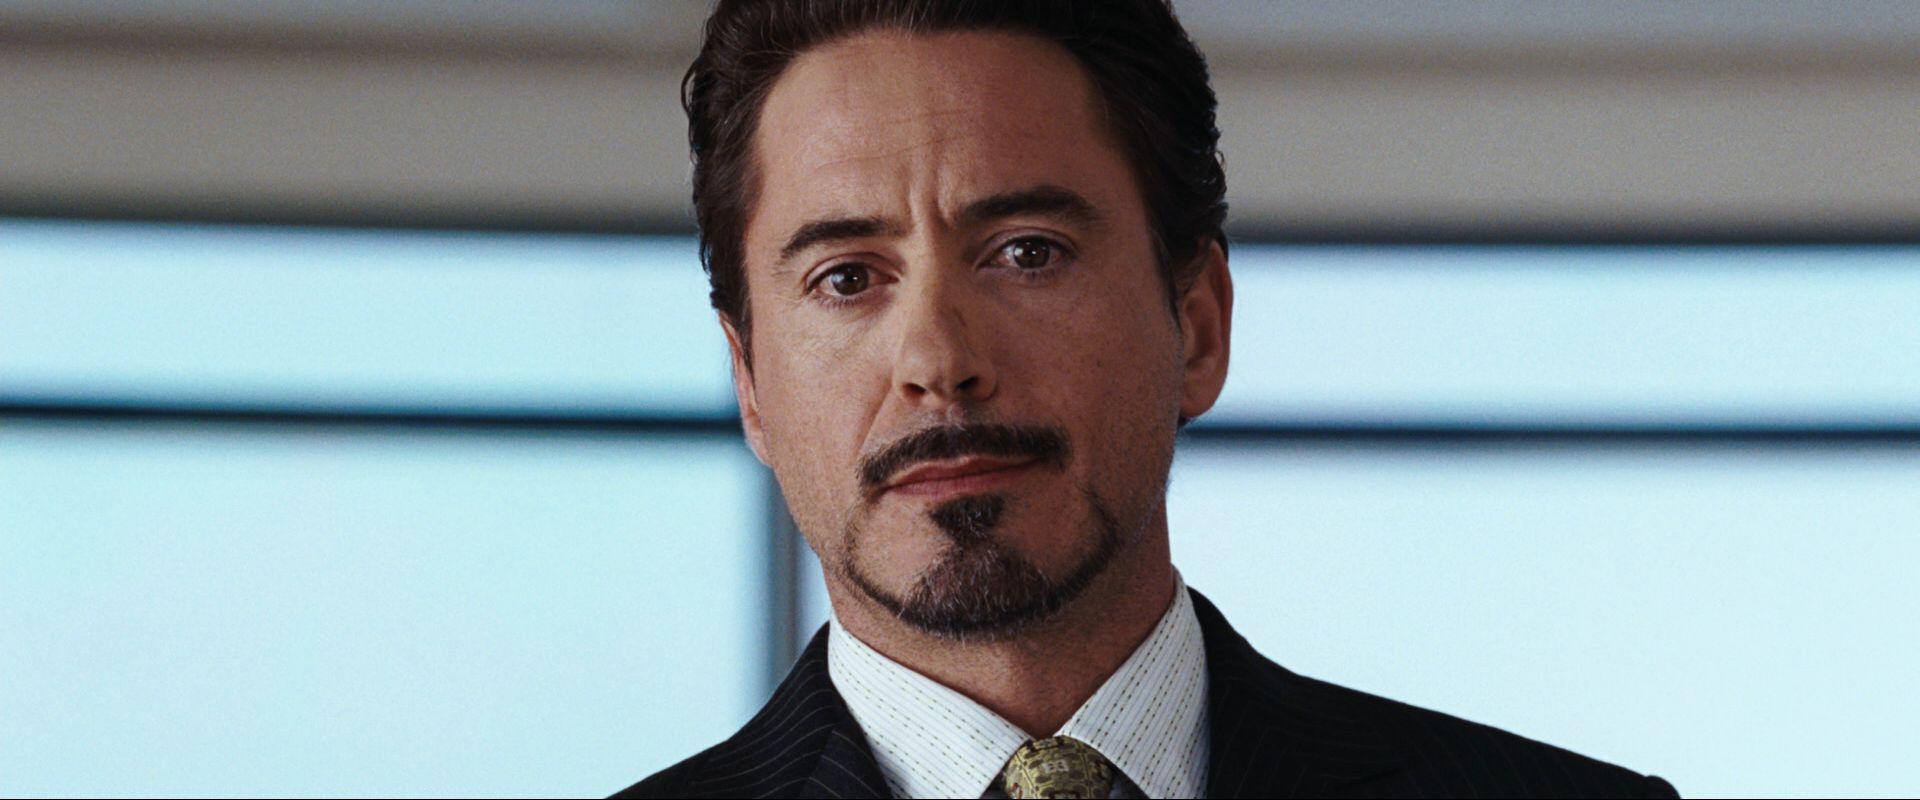 Tony Stark Beard Wallpapers.